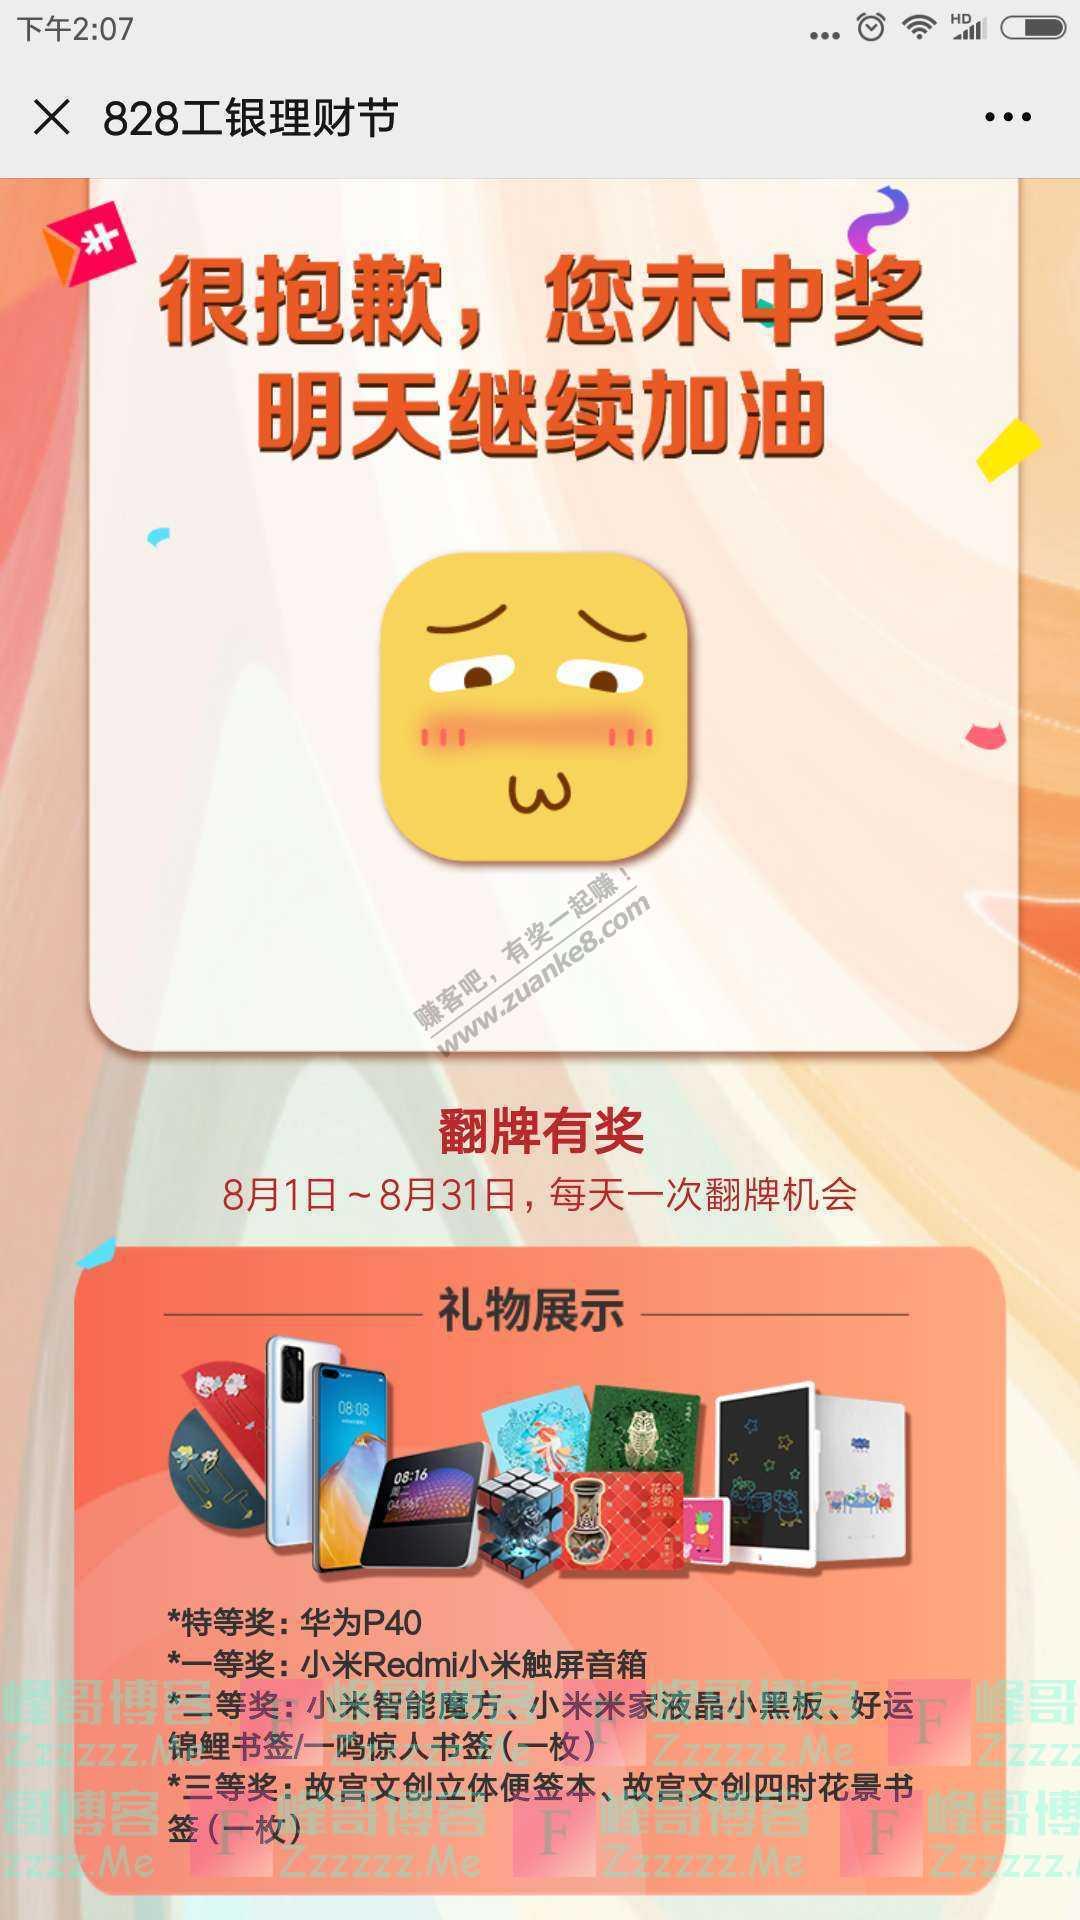 中国工商银行客户服务工银理财节来啦(截止8月31日)